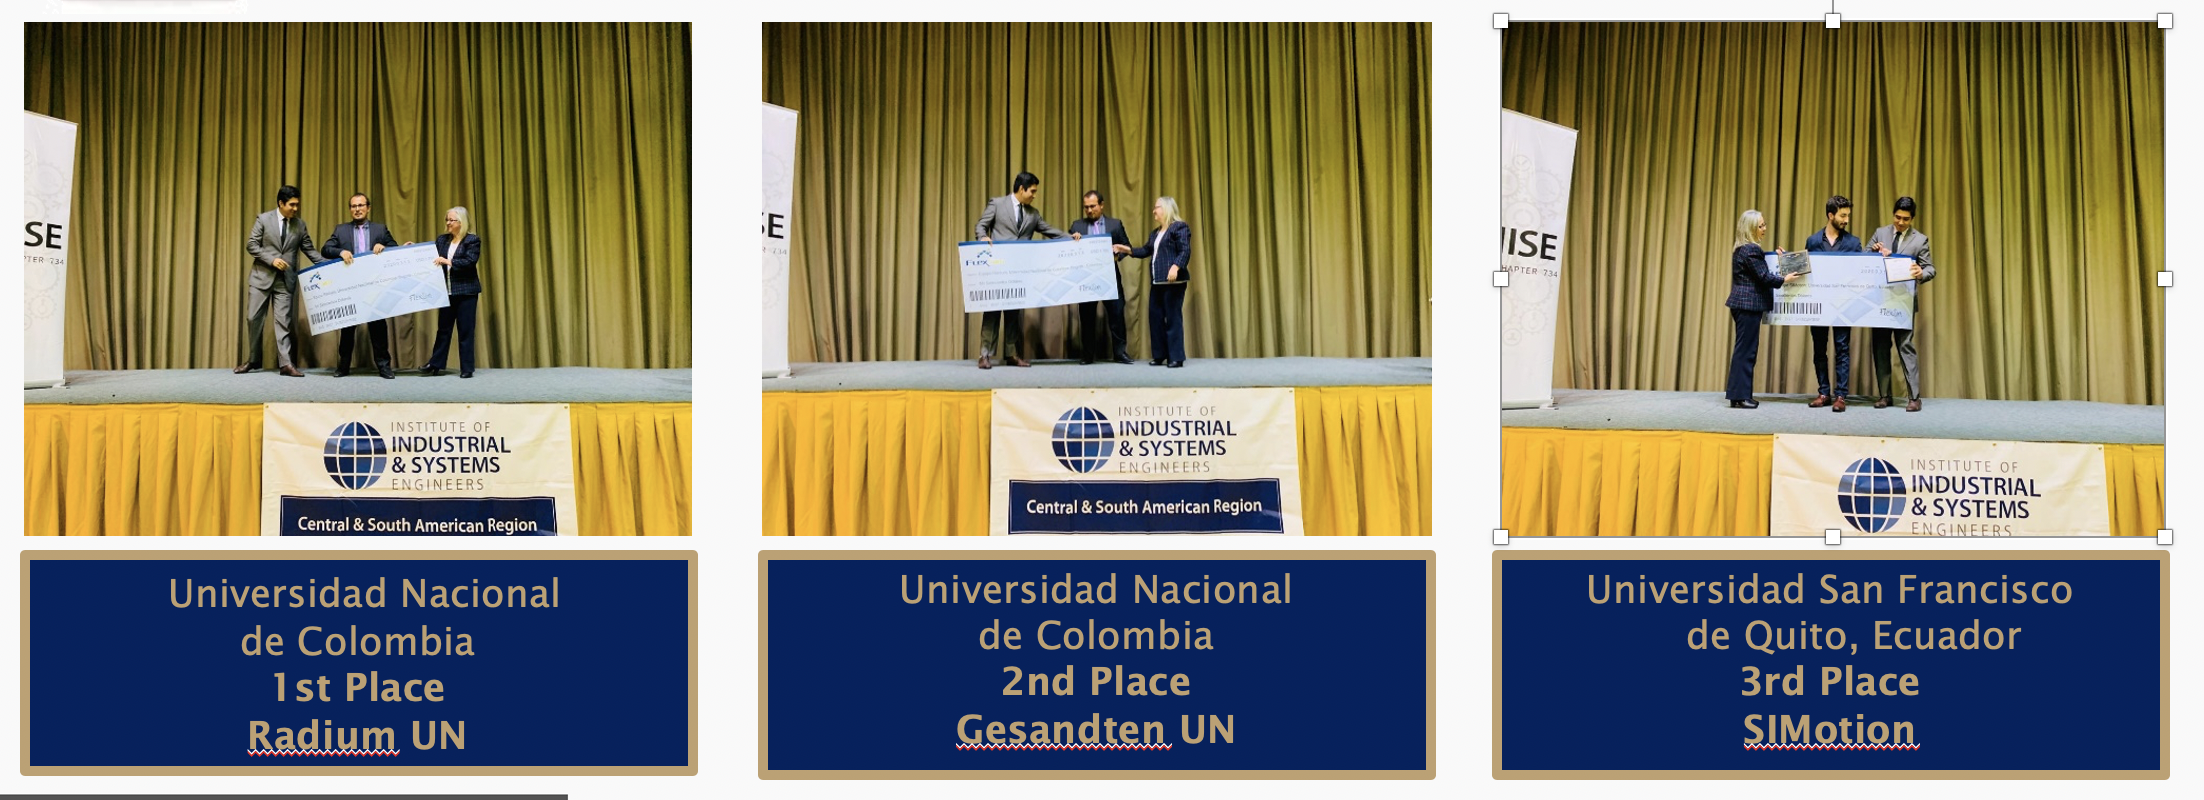 latin america simulation winners